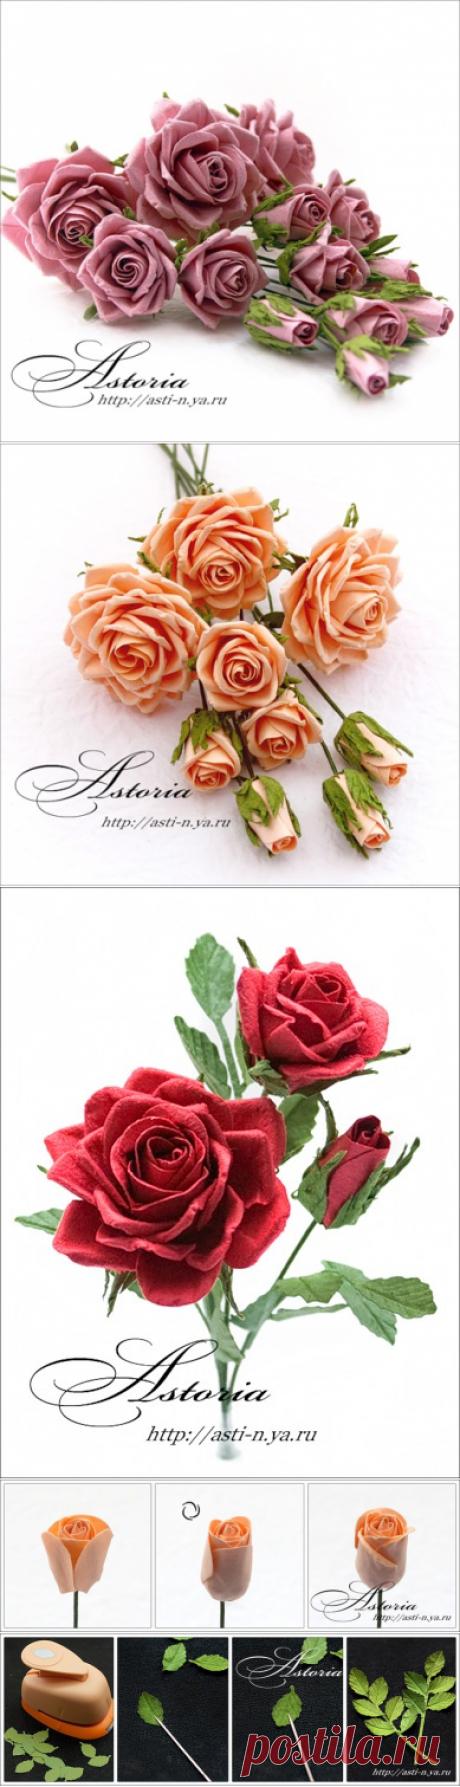 Розы из бумаги. Очень красиво. Мастер-класс